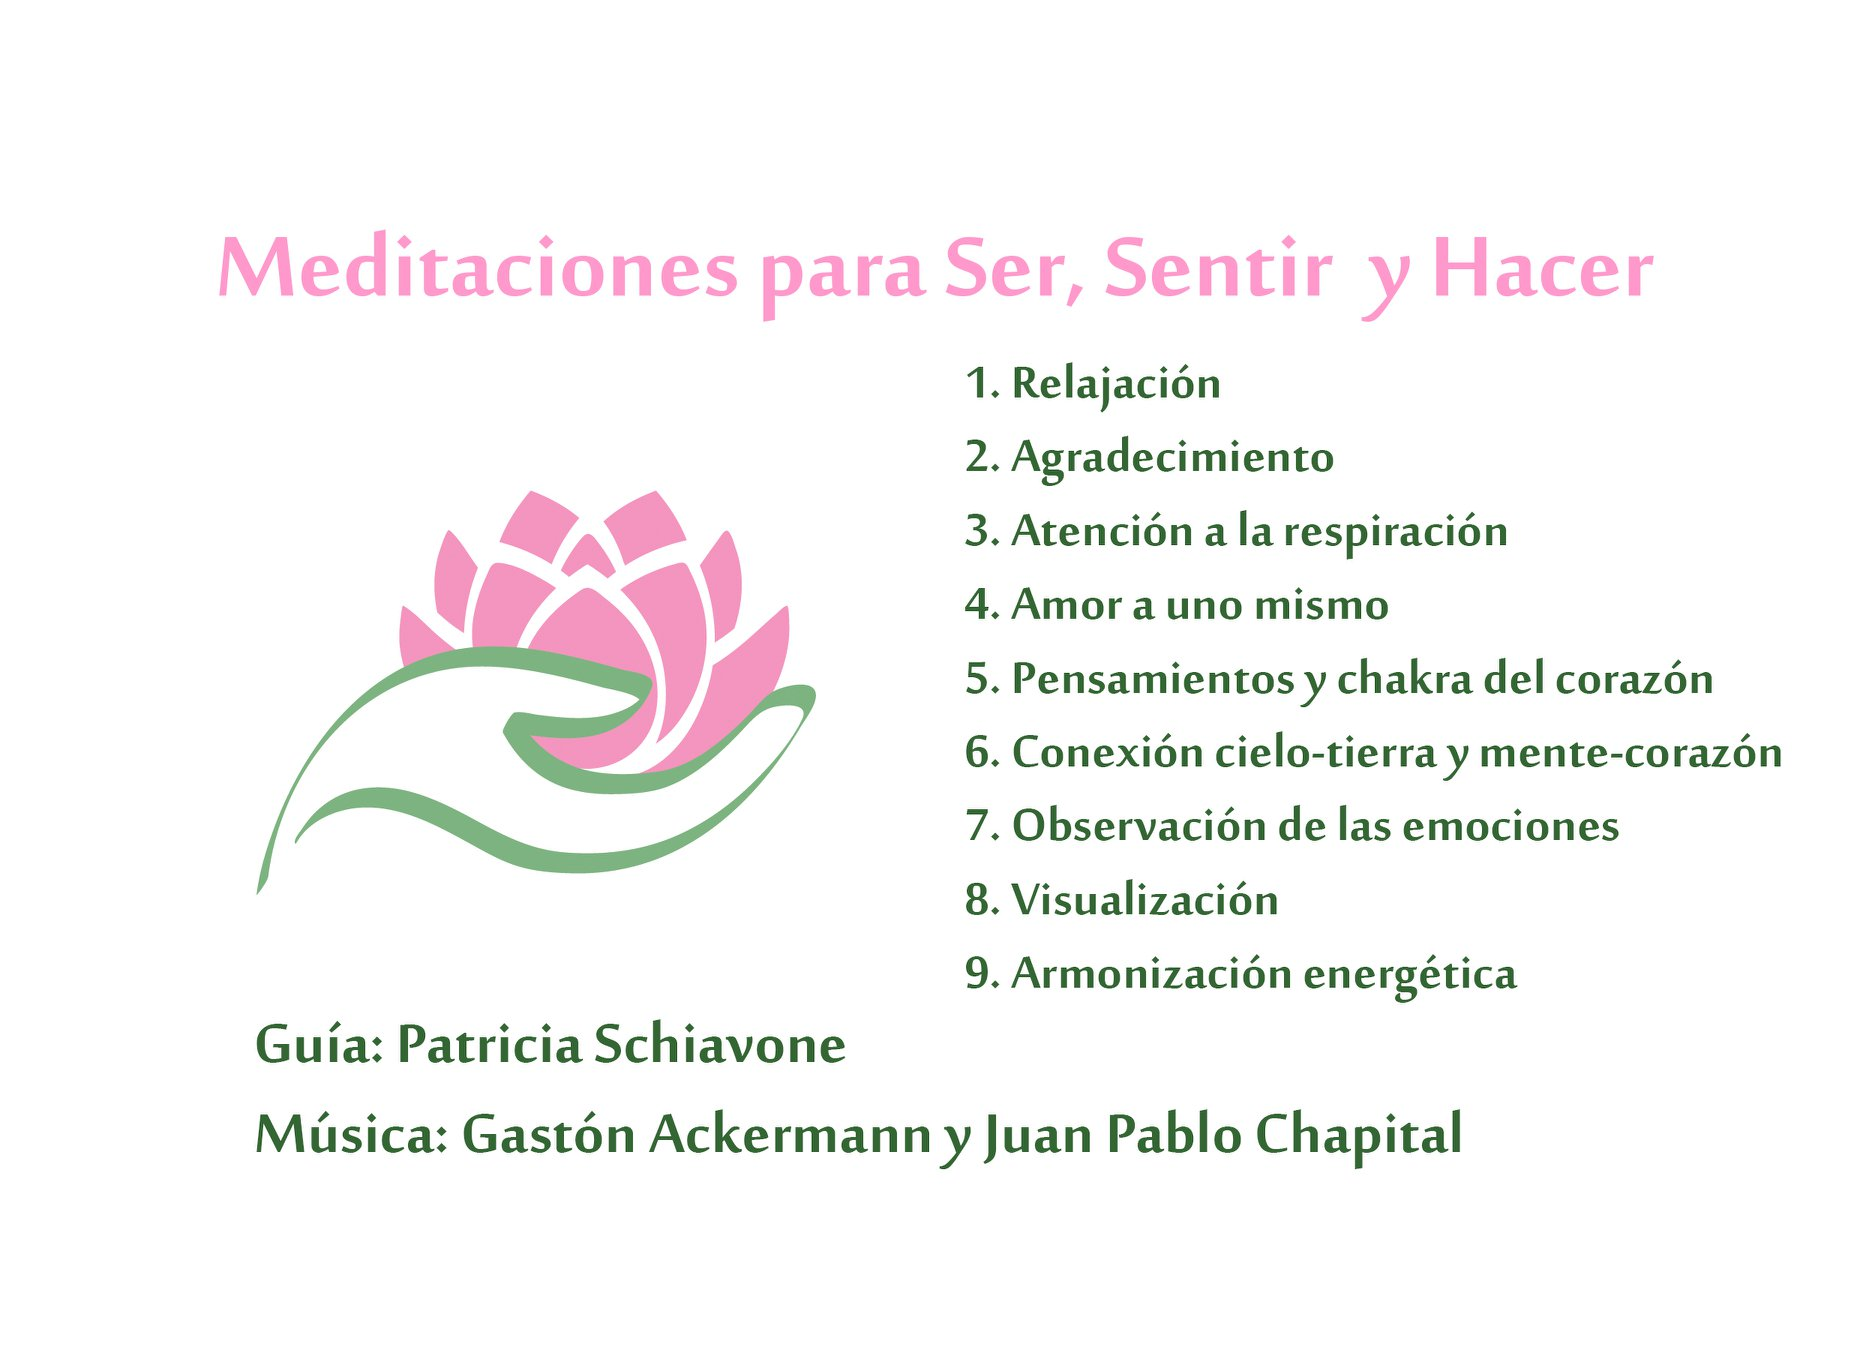 Meditaciones-Patricia-Schiavone.jpg